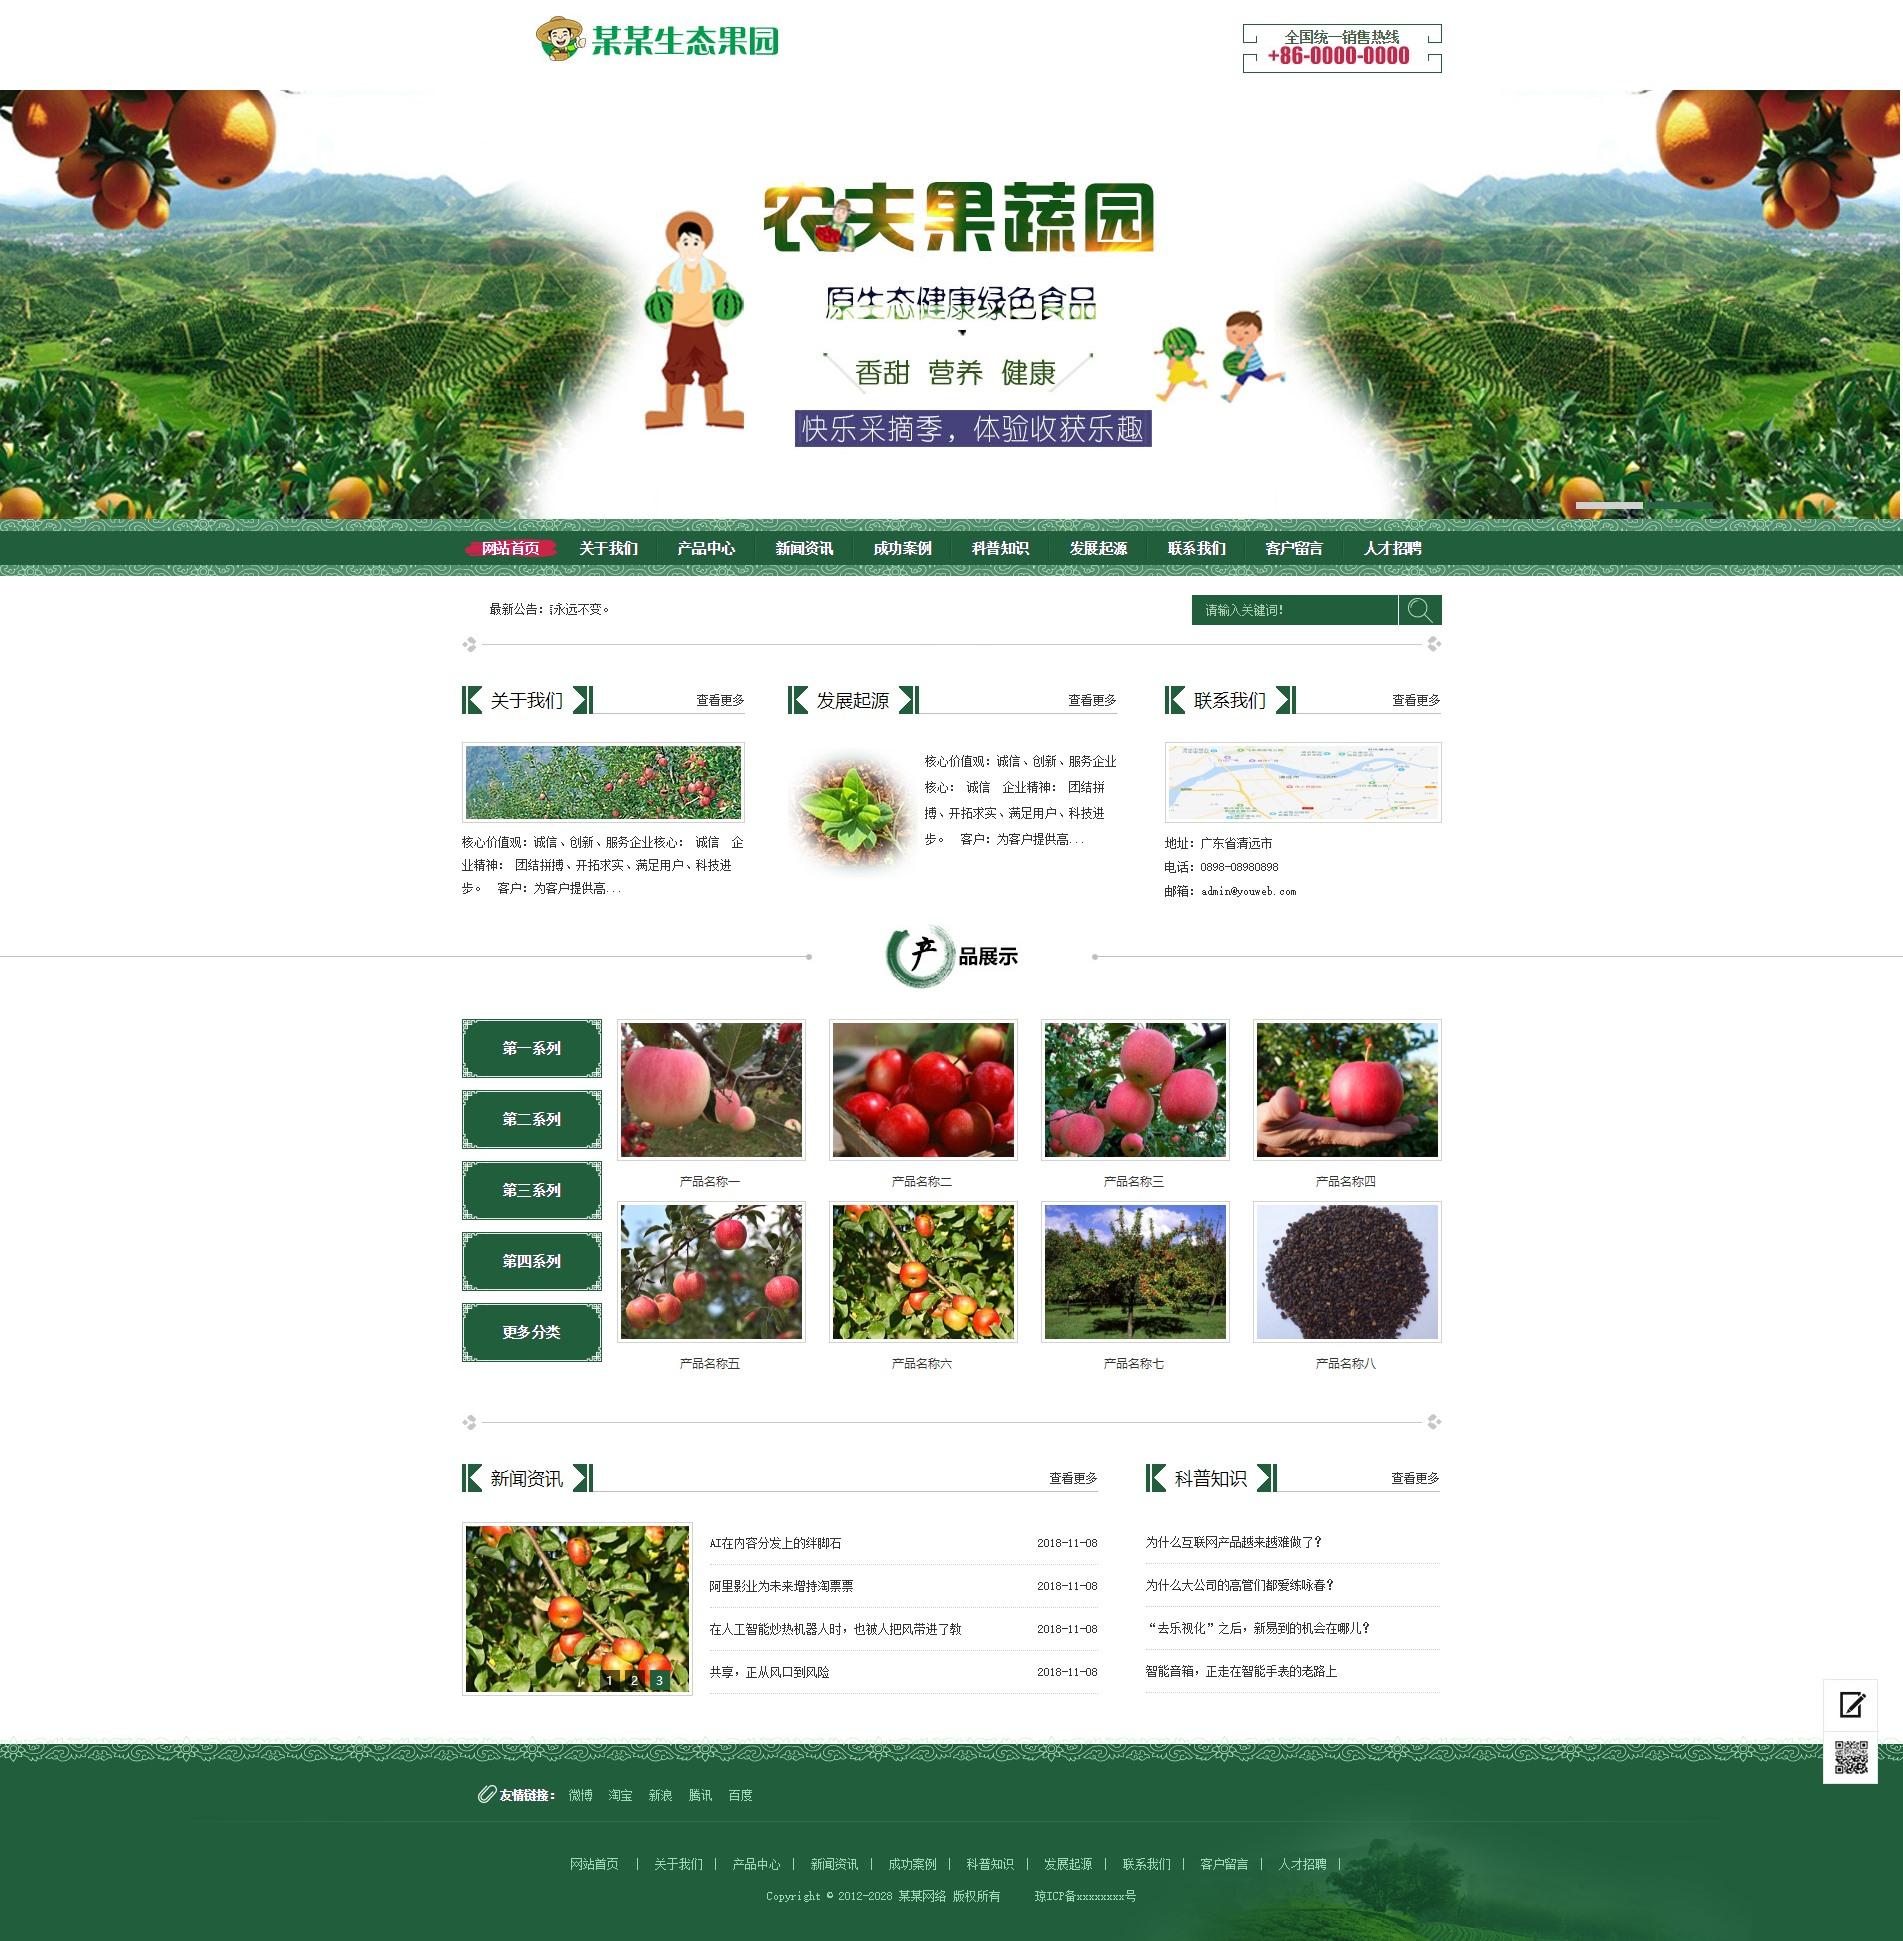 易优cms绿色生态果园果树种植区网站模版源代码带移动端插图